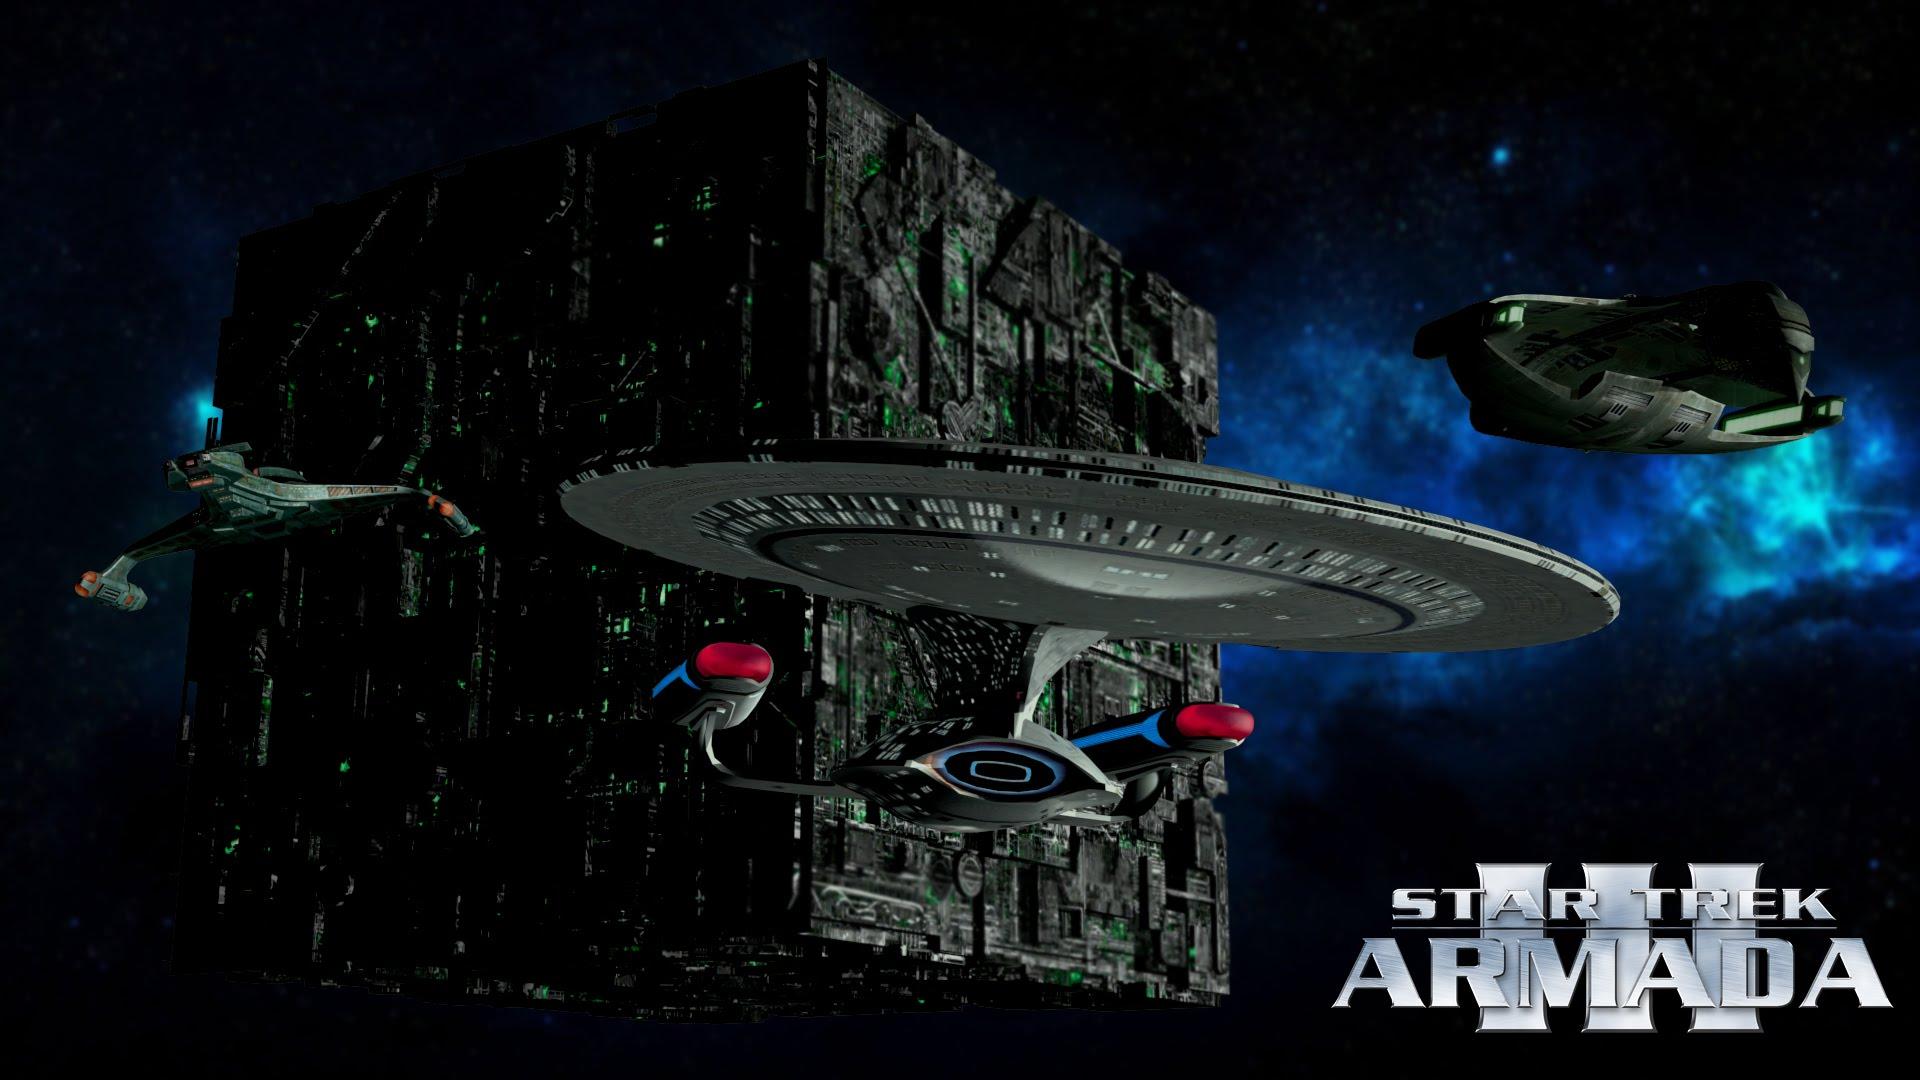 Star Trek Backgrounds for Desktop 1920x1080